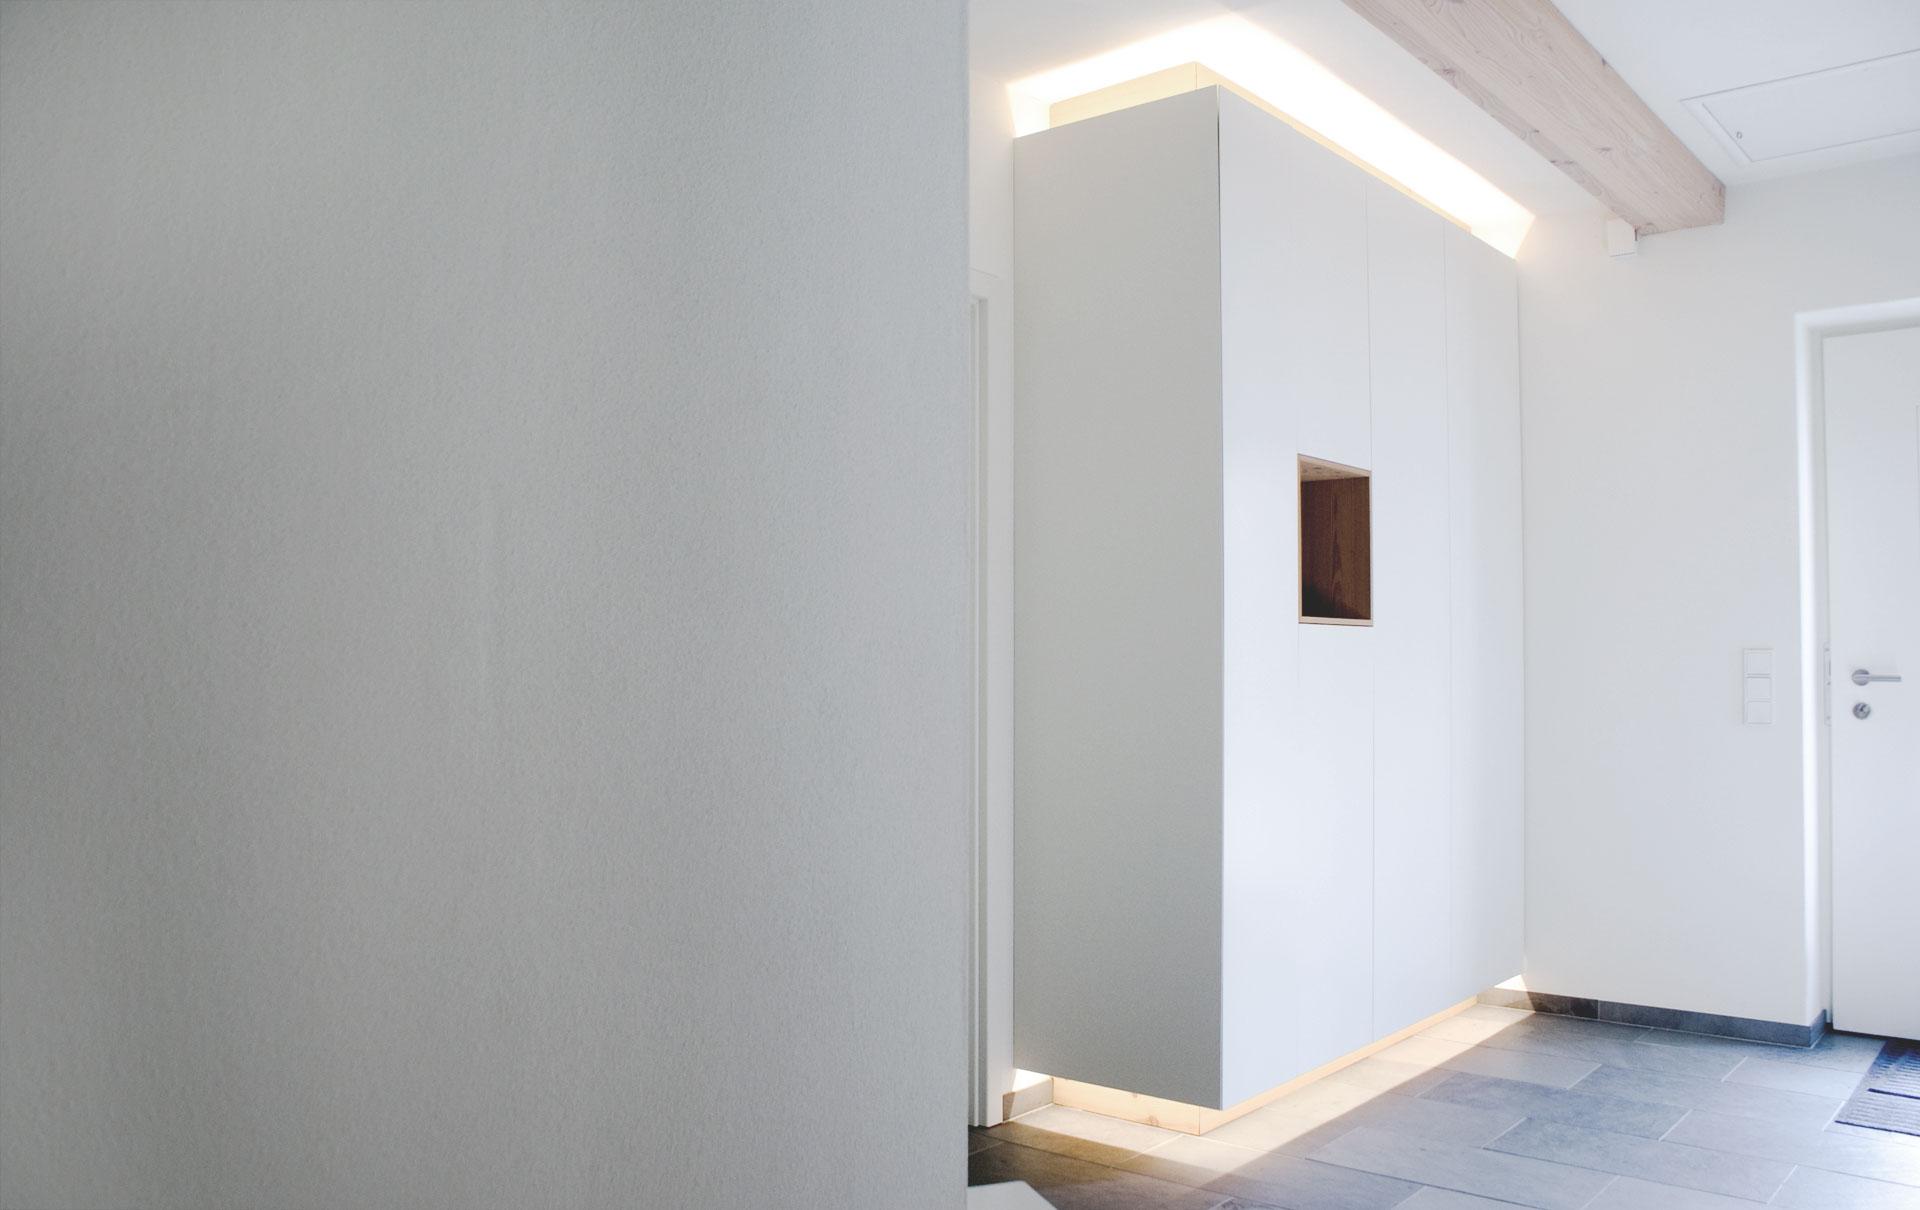 einbaum bel tino skuthan schreinerei und planung lebenstraum. Black Bedroom Furniture Sets. Home Design Ideas